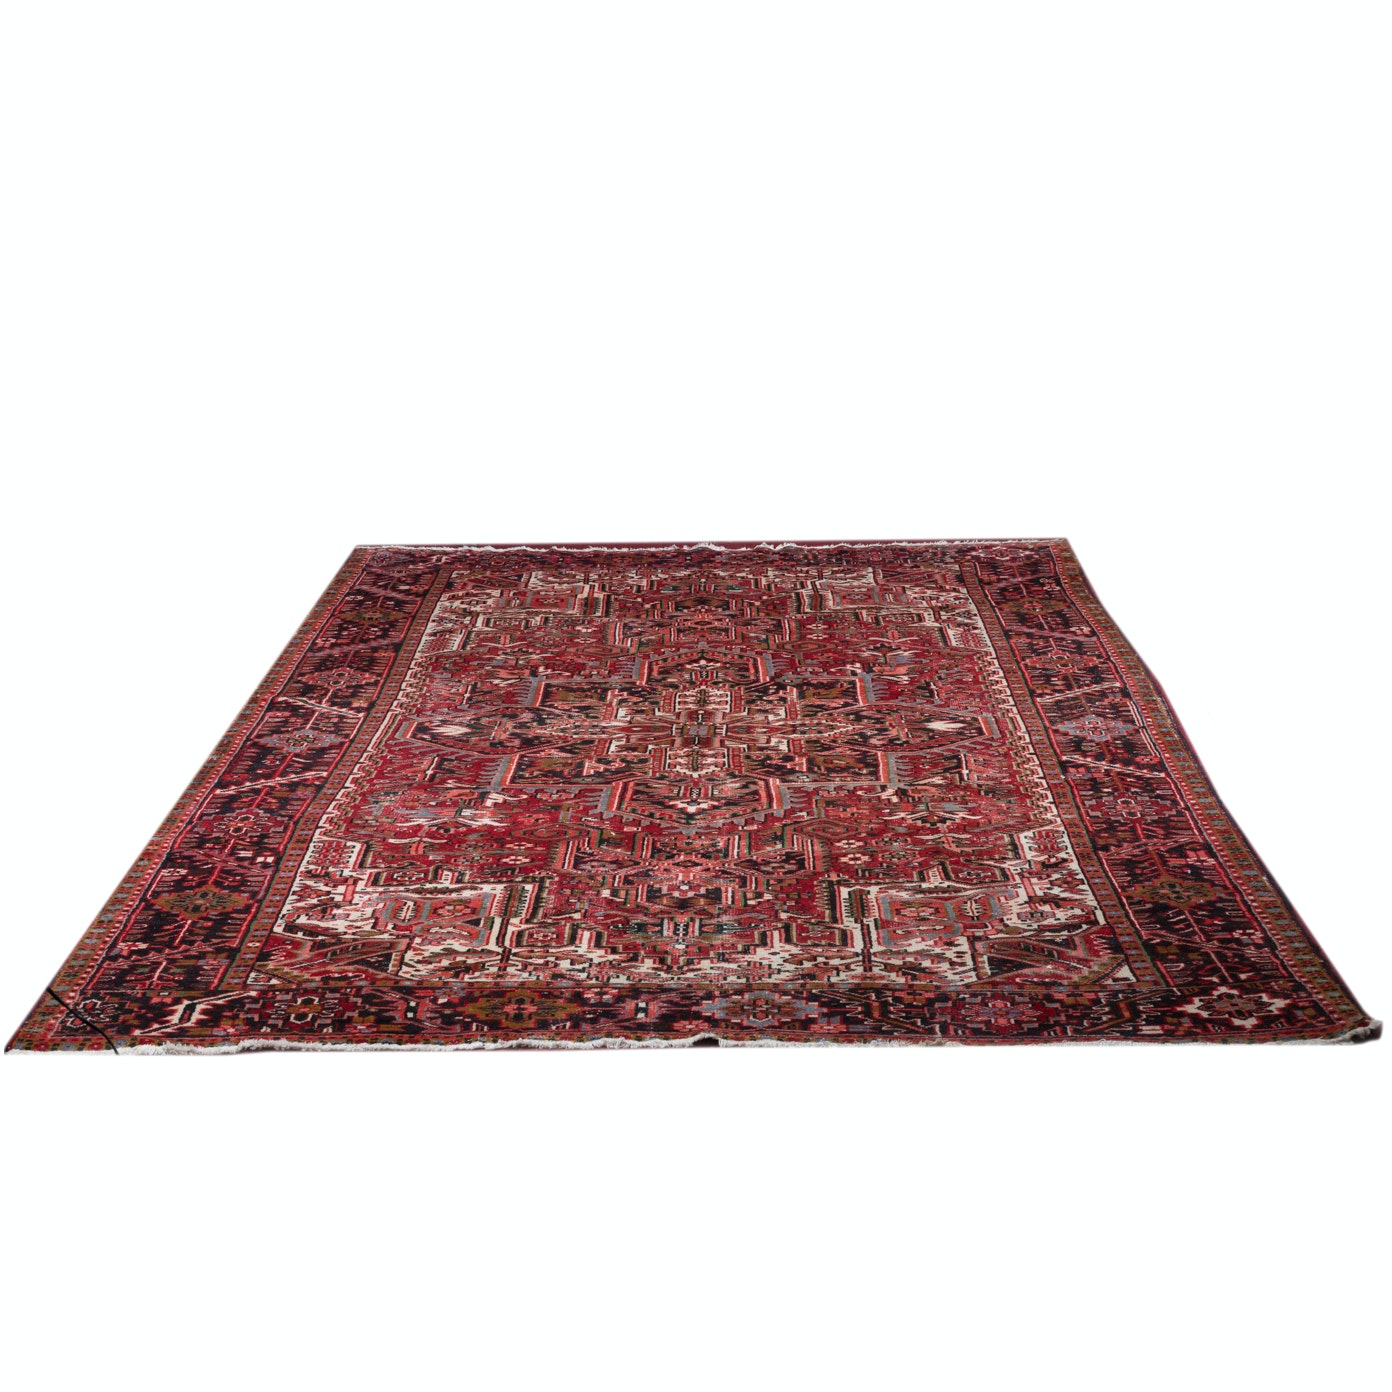 Handwoven Persian Heriz Wool Area Rug